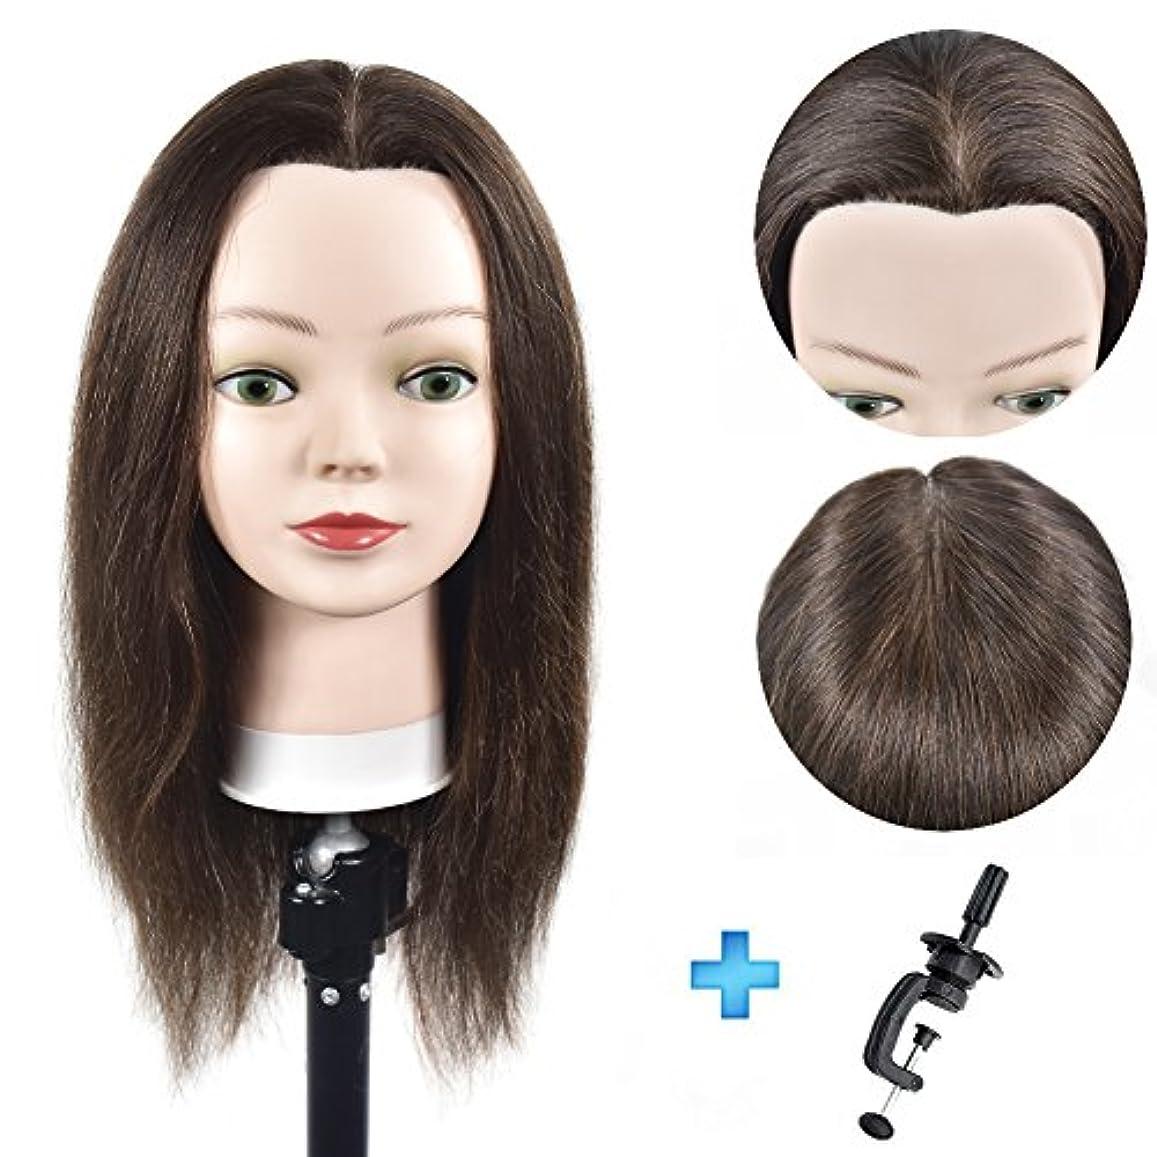 アラバマクレアおなじみの16インチマネキンヘッド100%人間の髪の美容師のトレーニングヘッドマネキン美容師の人形ヘッド(テーブルクランプスタンドが含まれています)